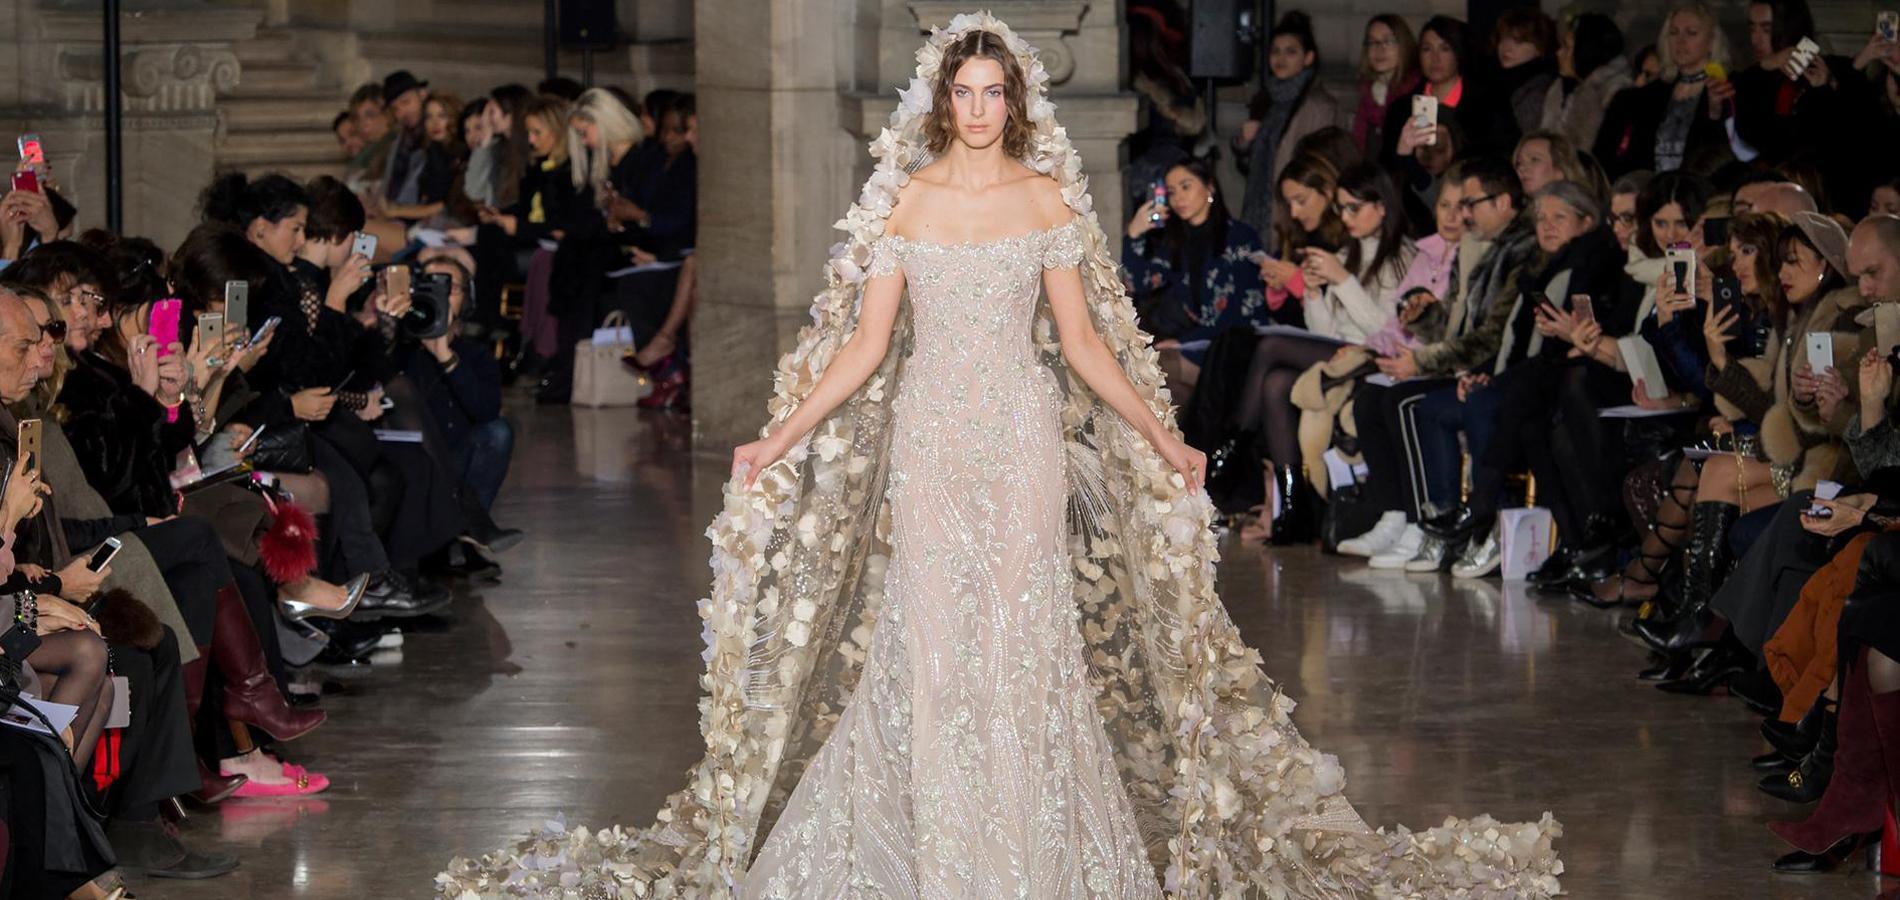 Souvent Chanel, Dior, Elie Saab Les plus belles robes couture HQ81